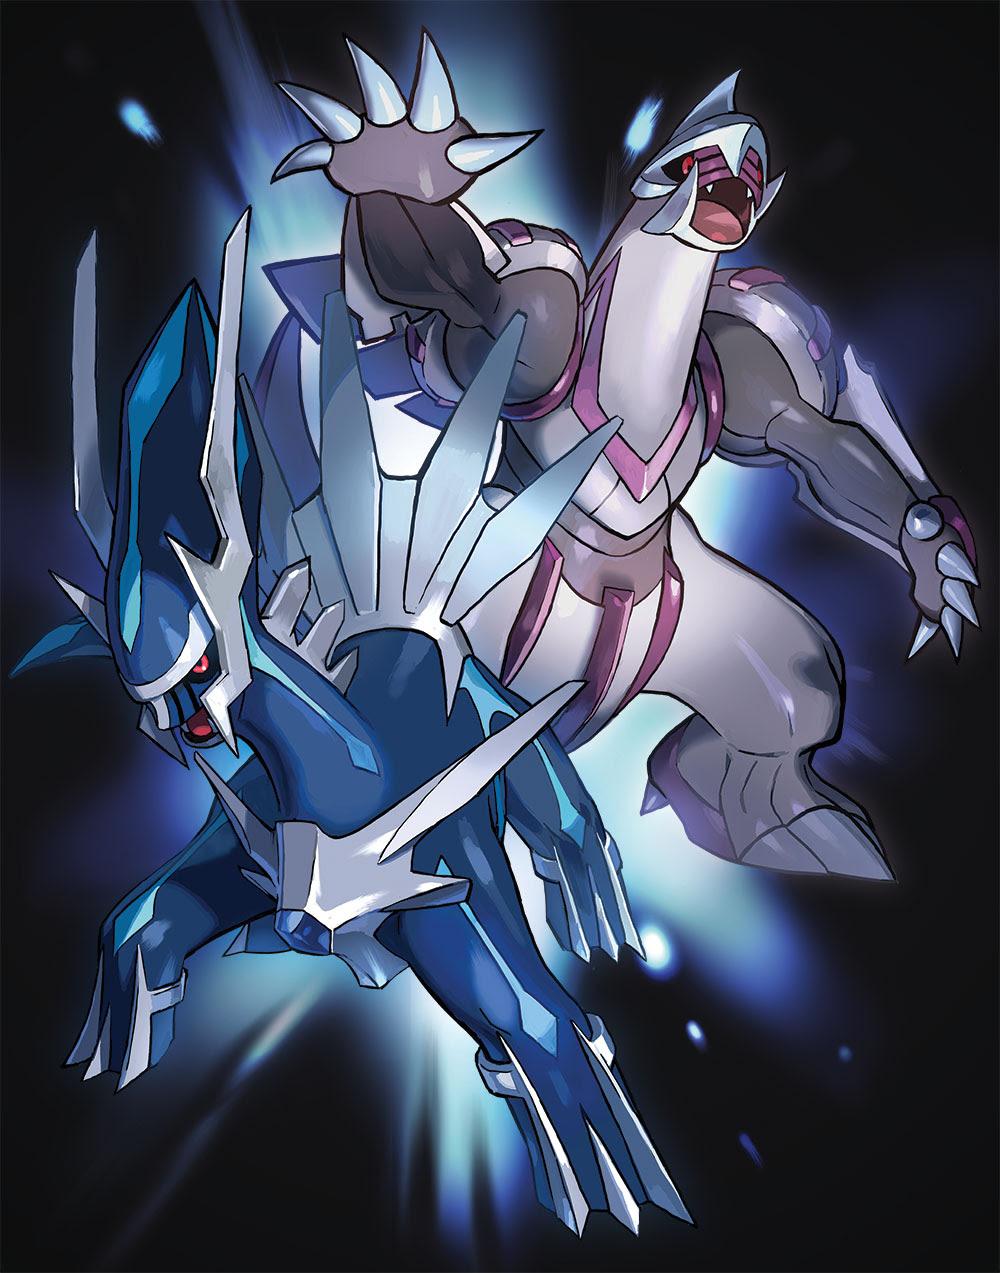 NP: Disponibles los legendarios Dialga y Palkia en Game y a la venta la expansión Sol y Luna-Ultraprisma